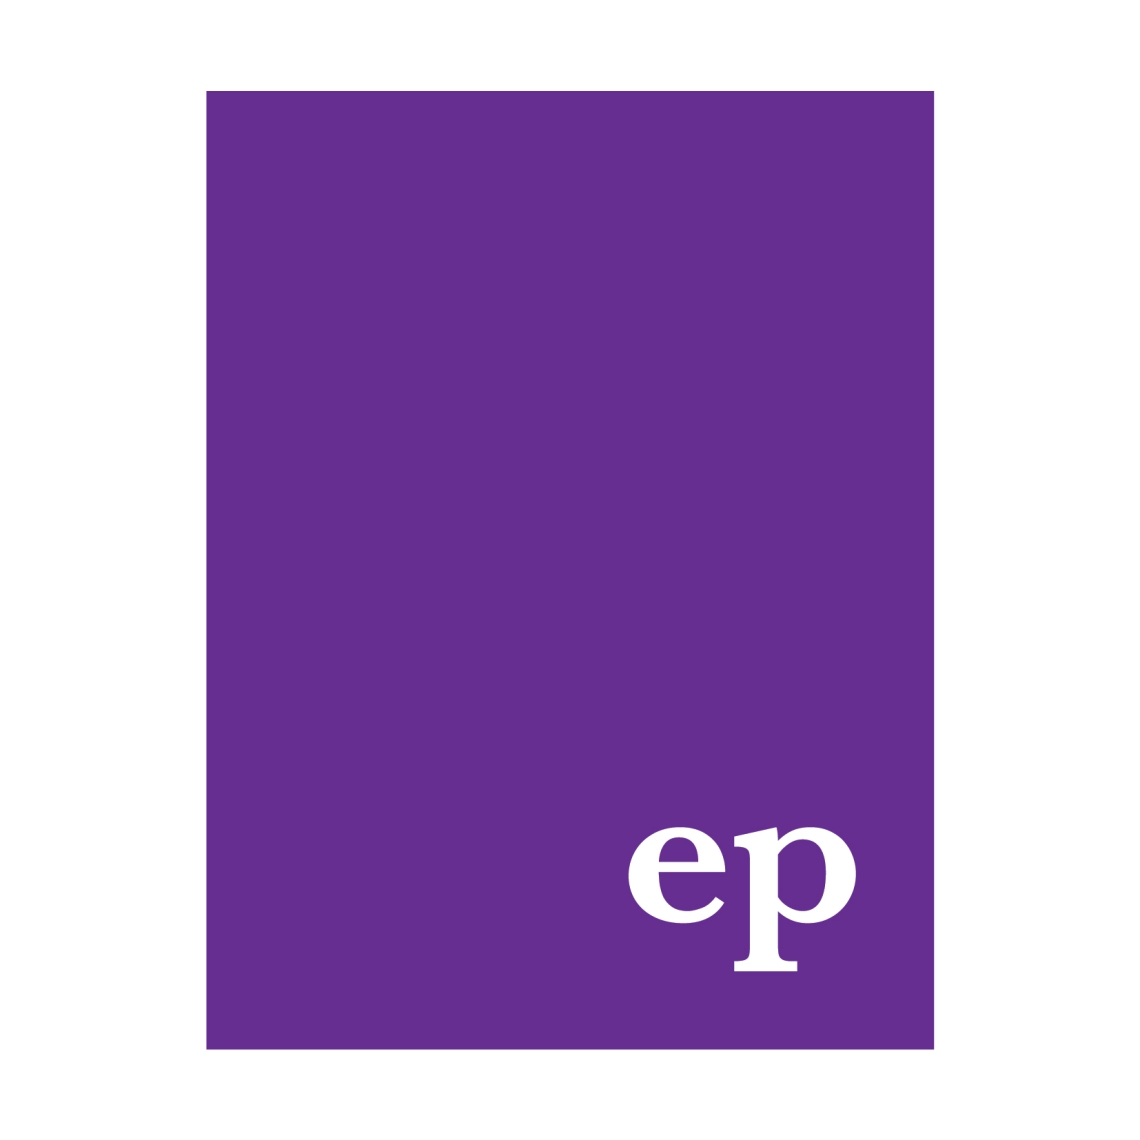 ecuador poster logo